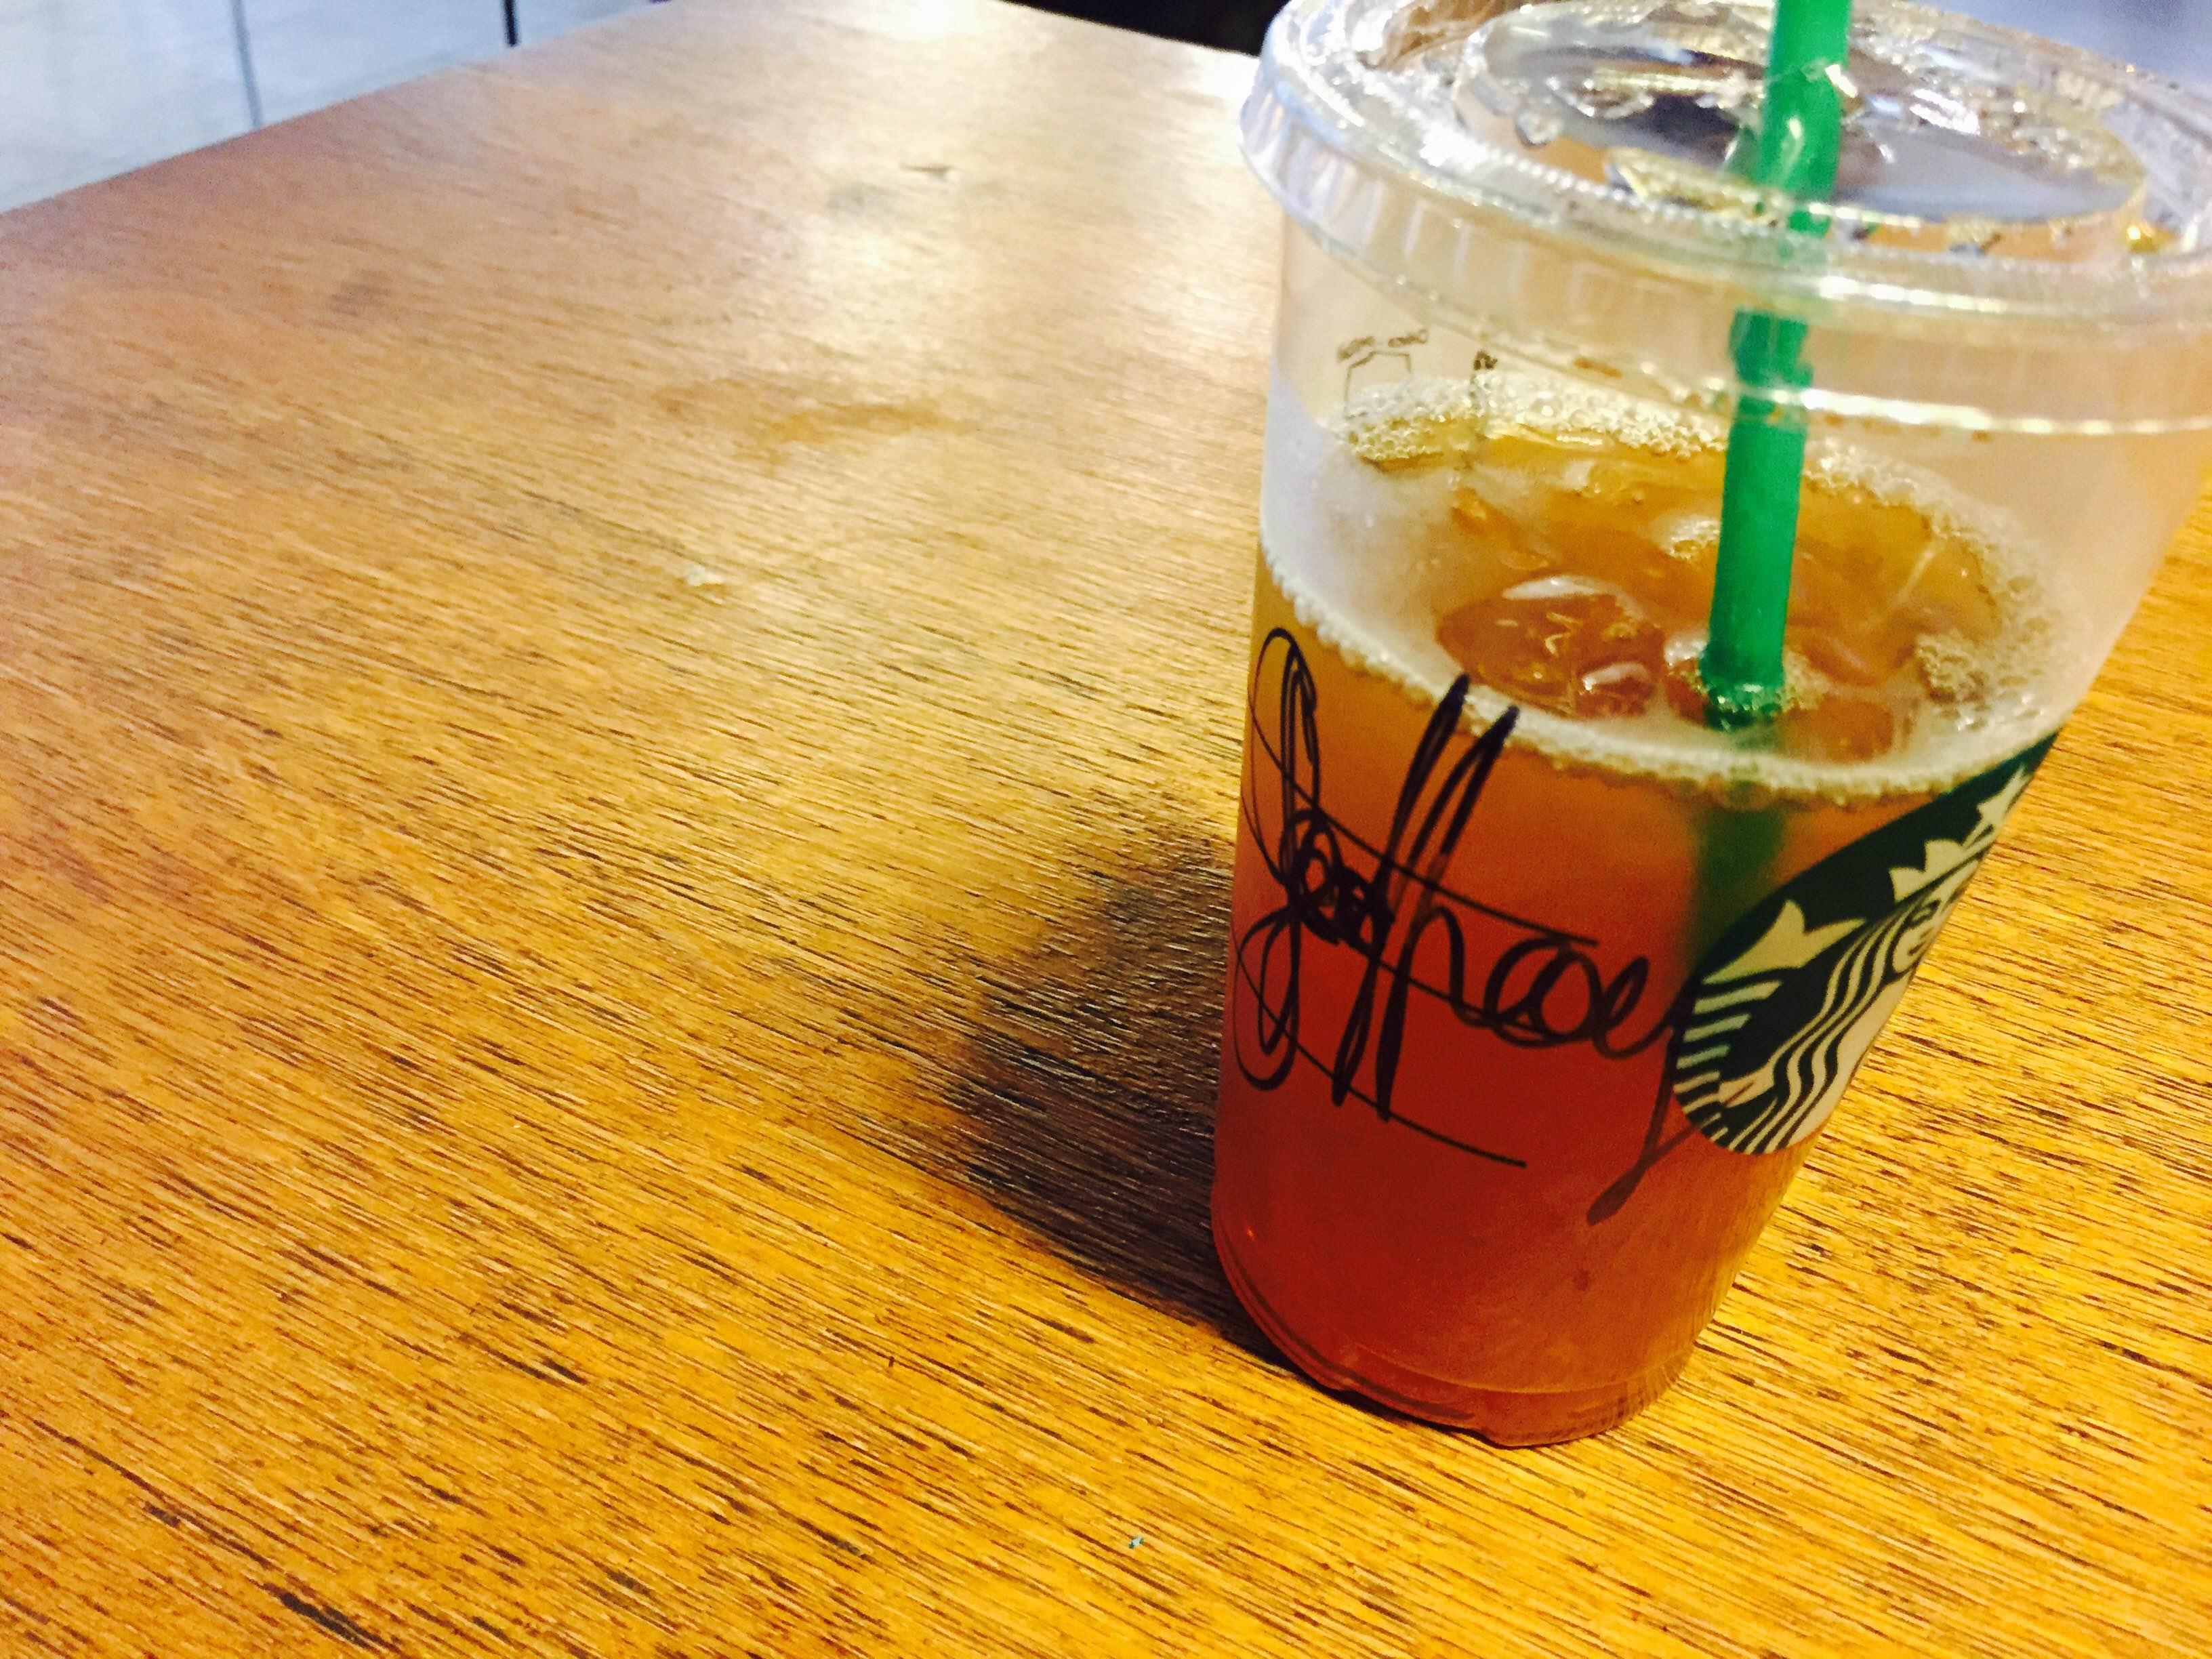 Le thé vert contient t-il de la caféine ? Toute la vérité sur le thé vert